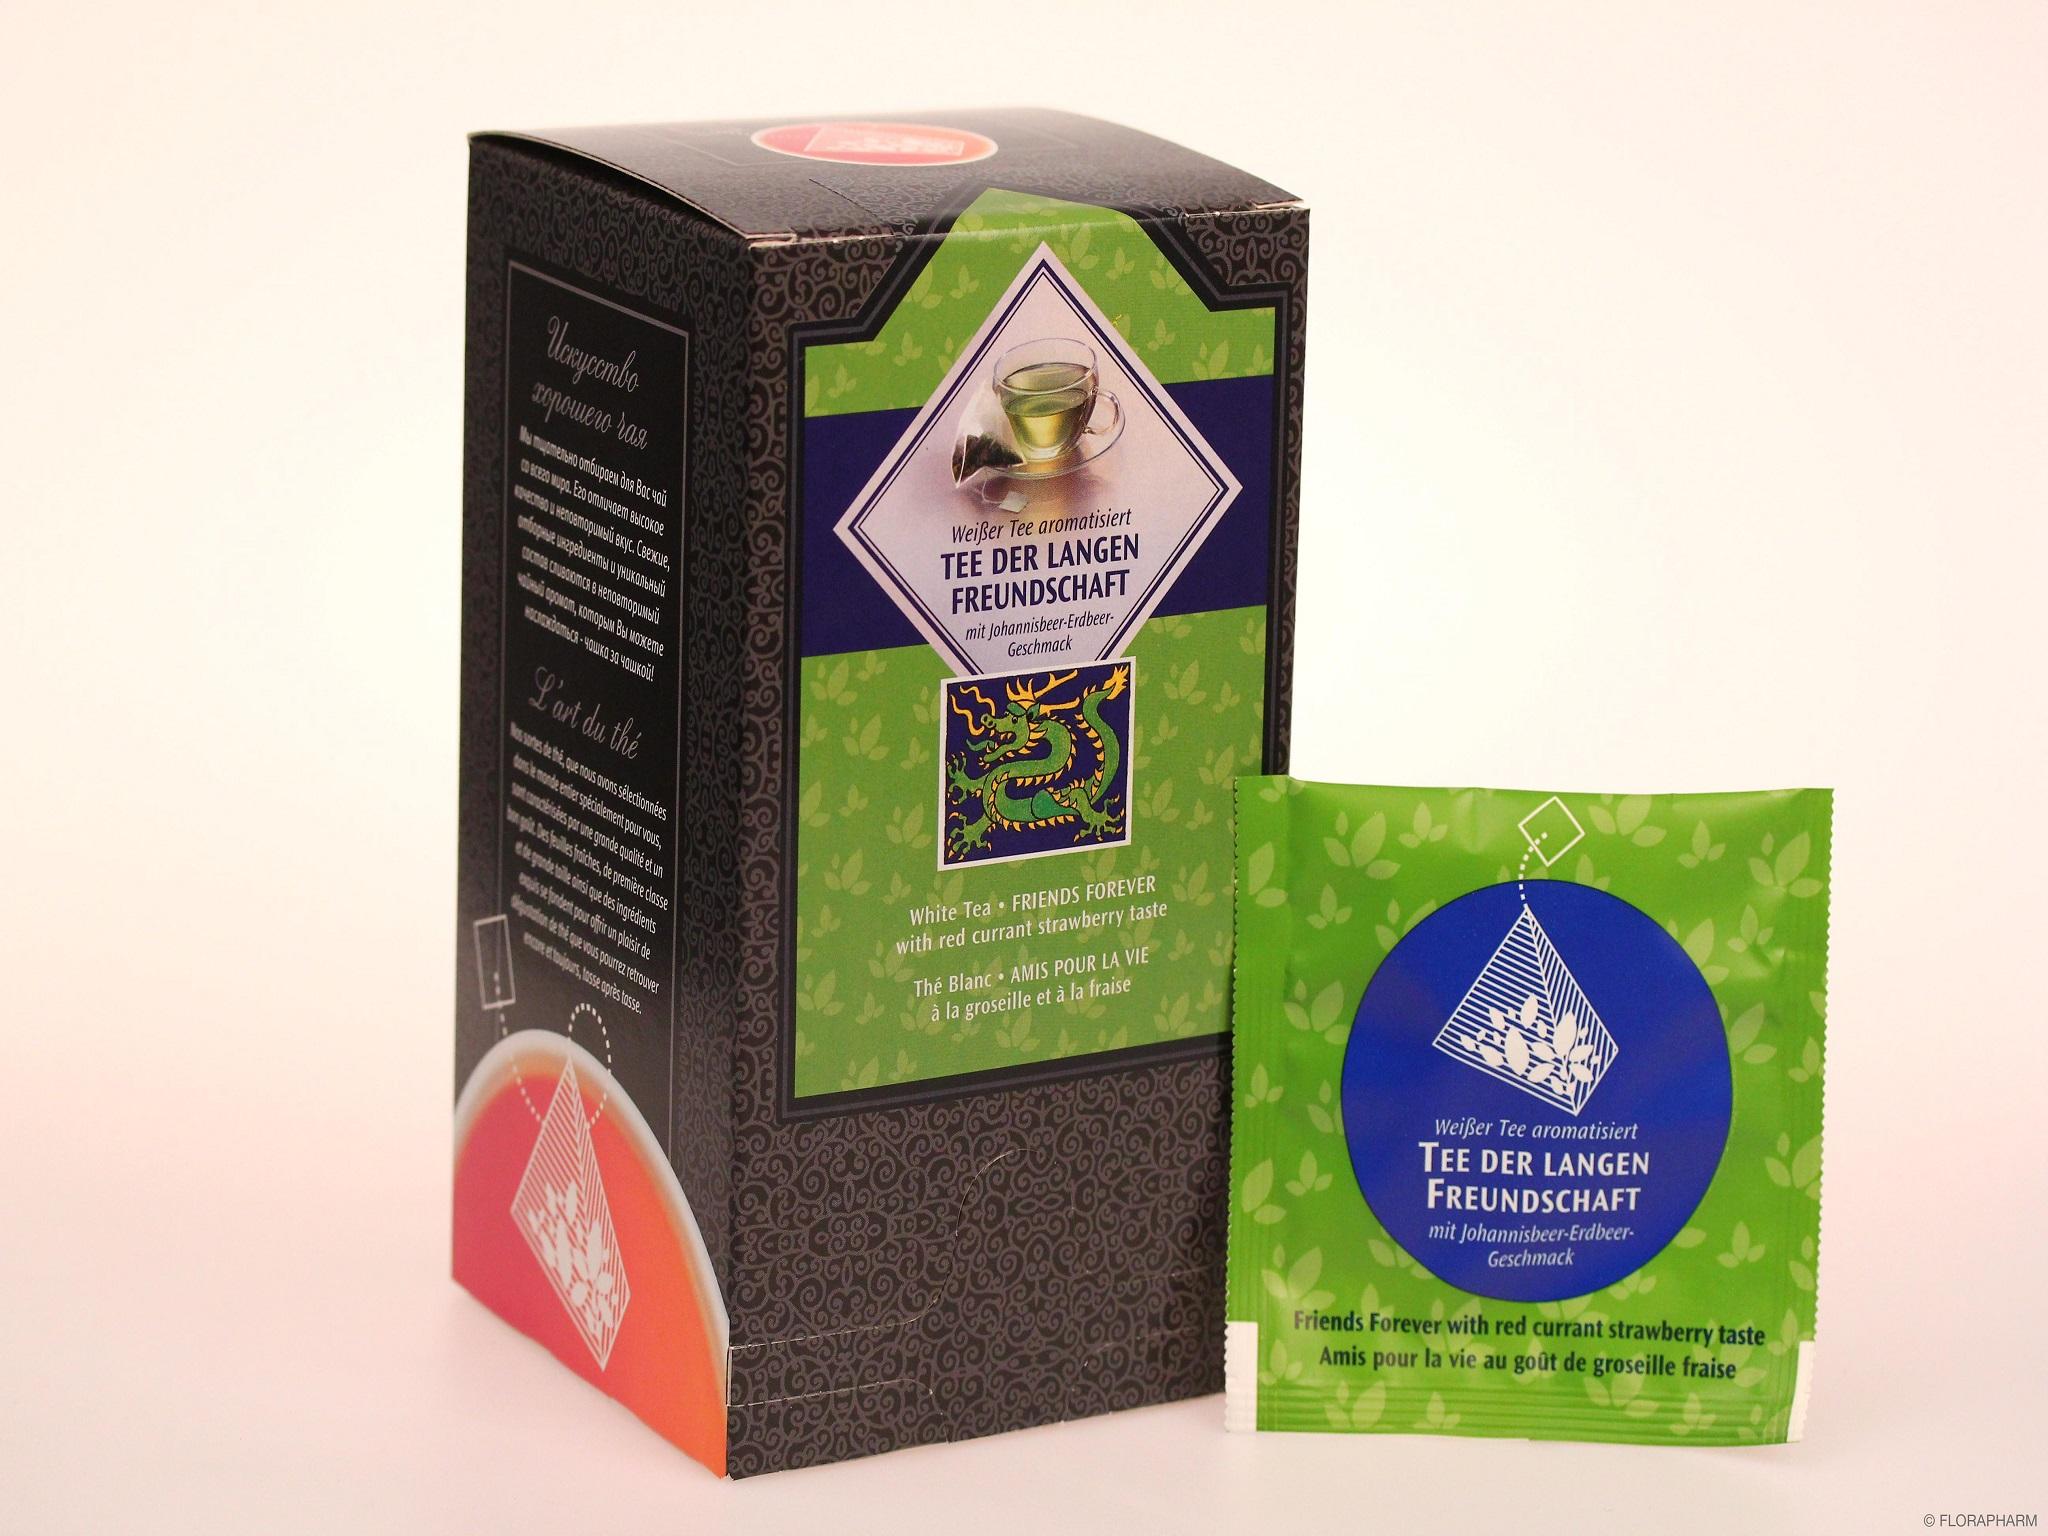 Tee-Pyramidenbeutel Tee der langen Freundschaft. Weißer Tee